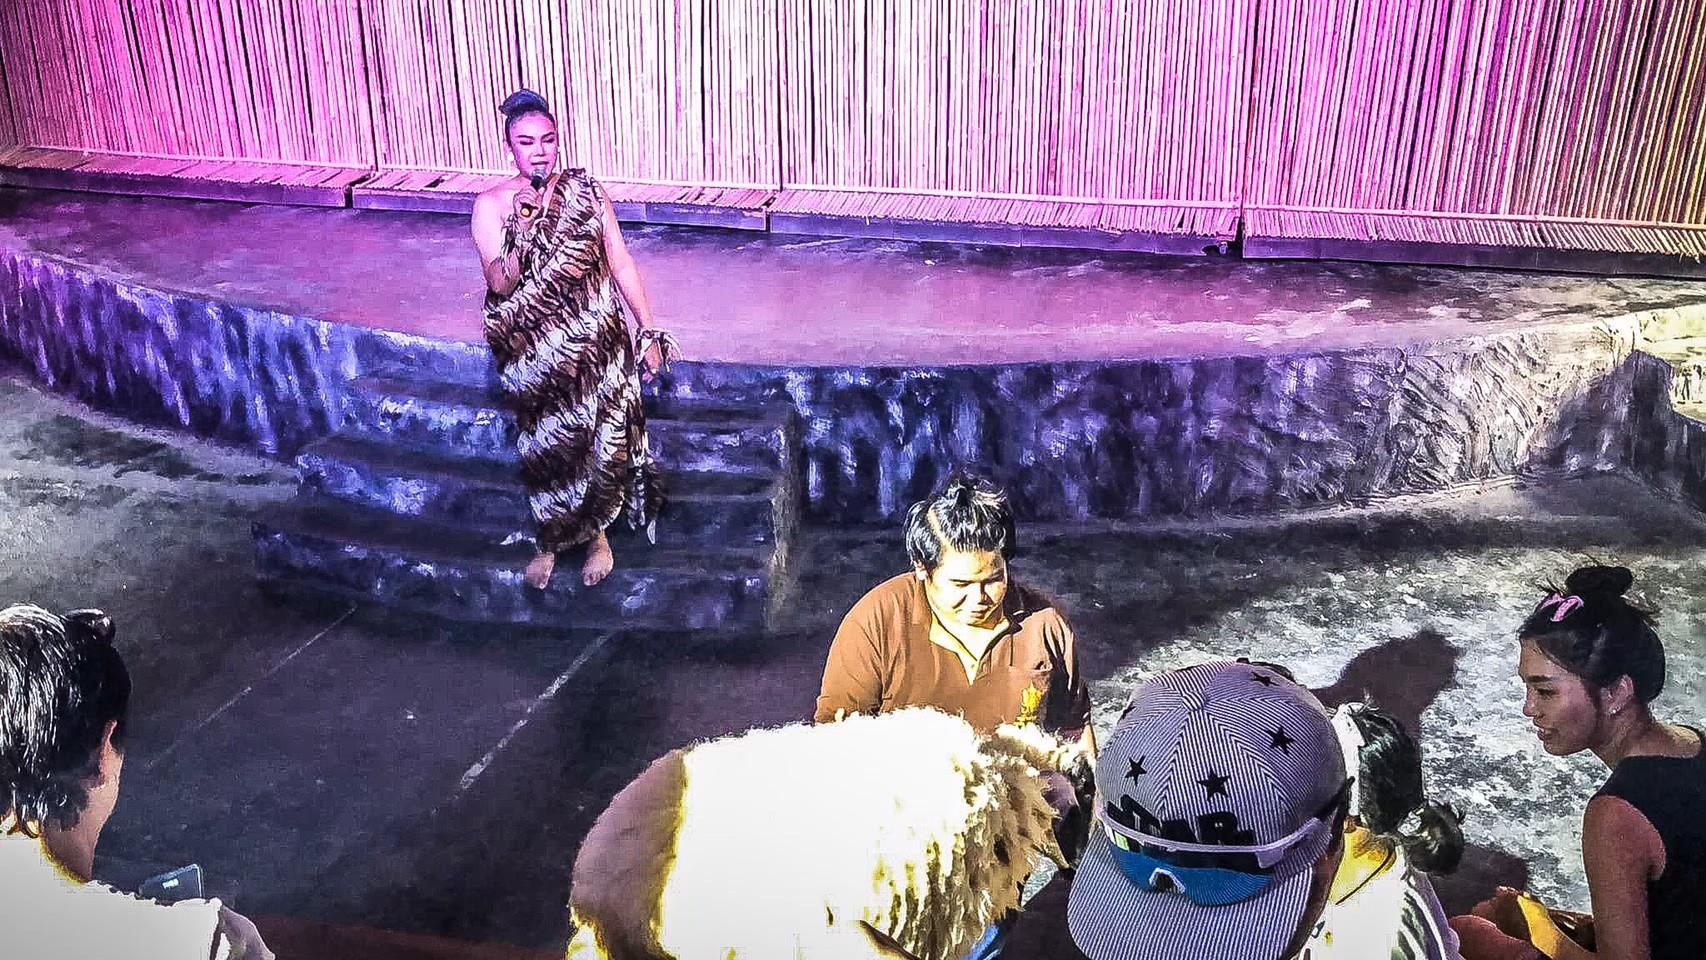 รูป คัชชาช์โชว์พัทยา Kassha Show Pattaya5